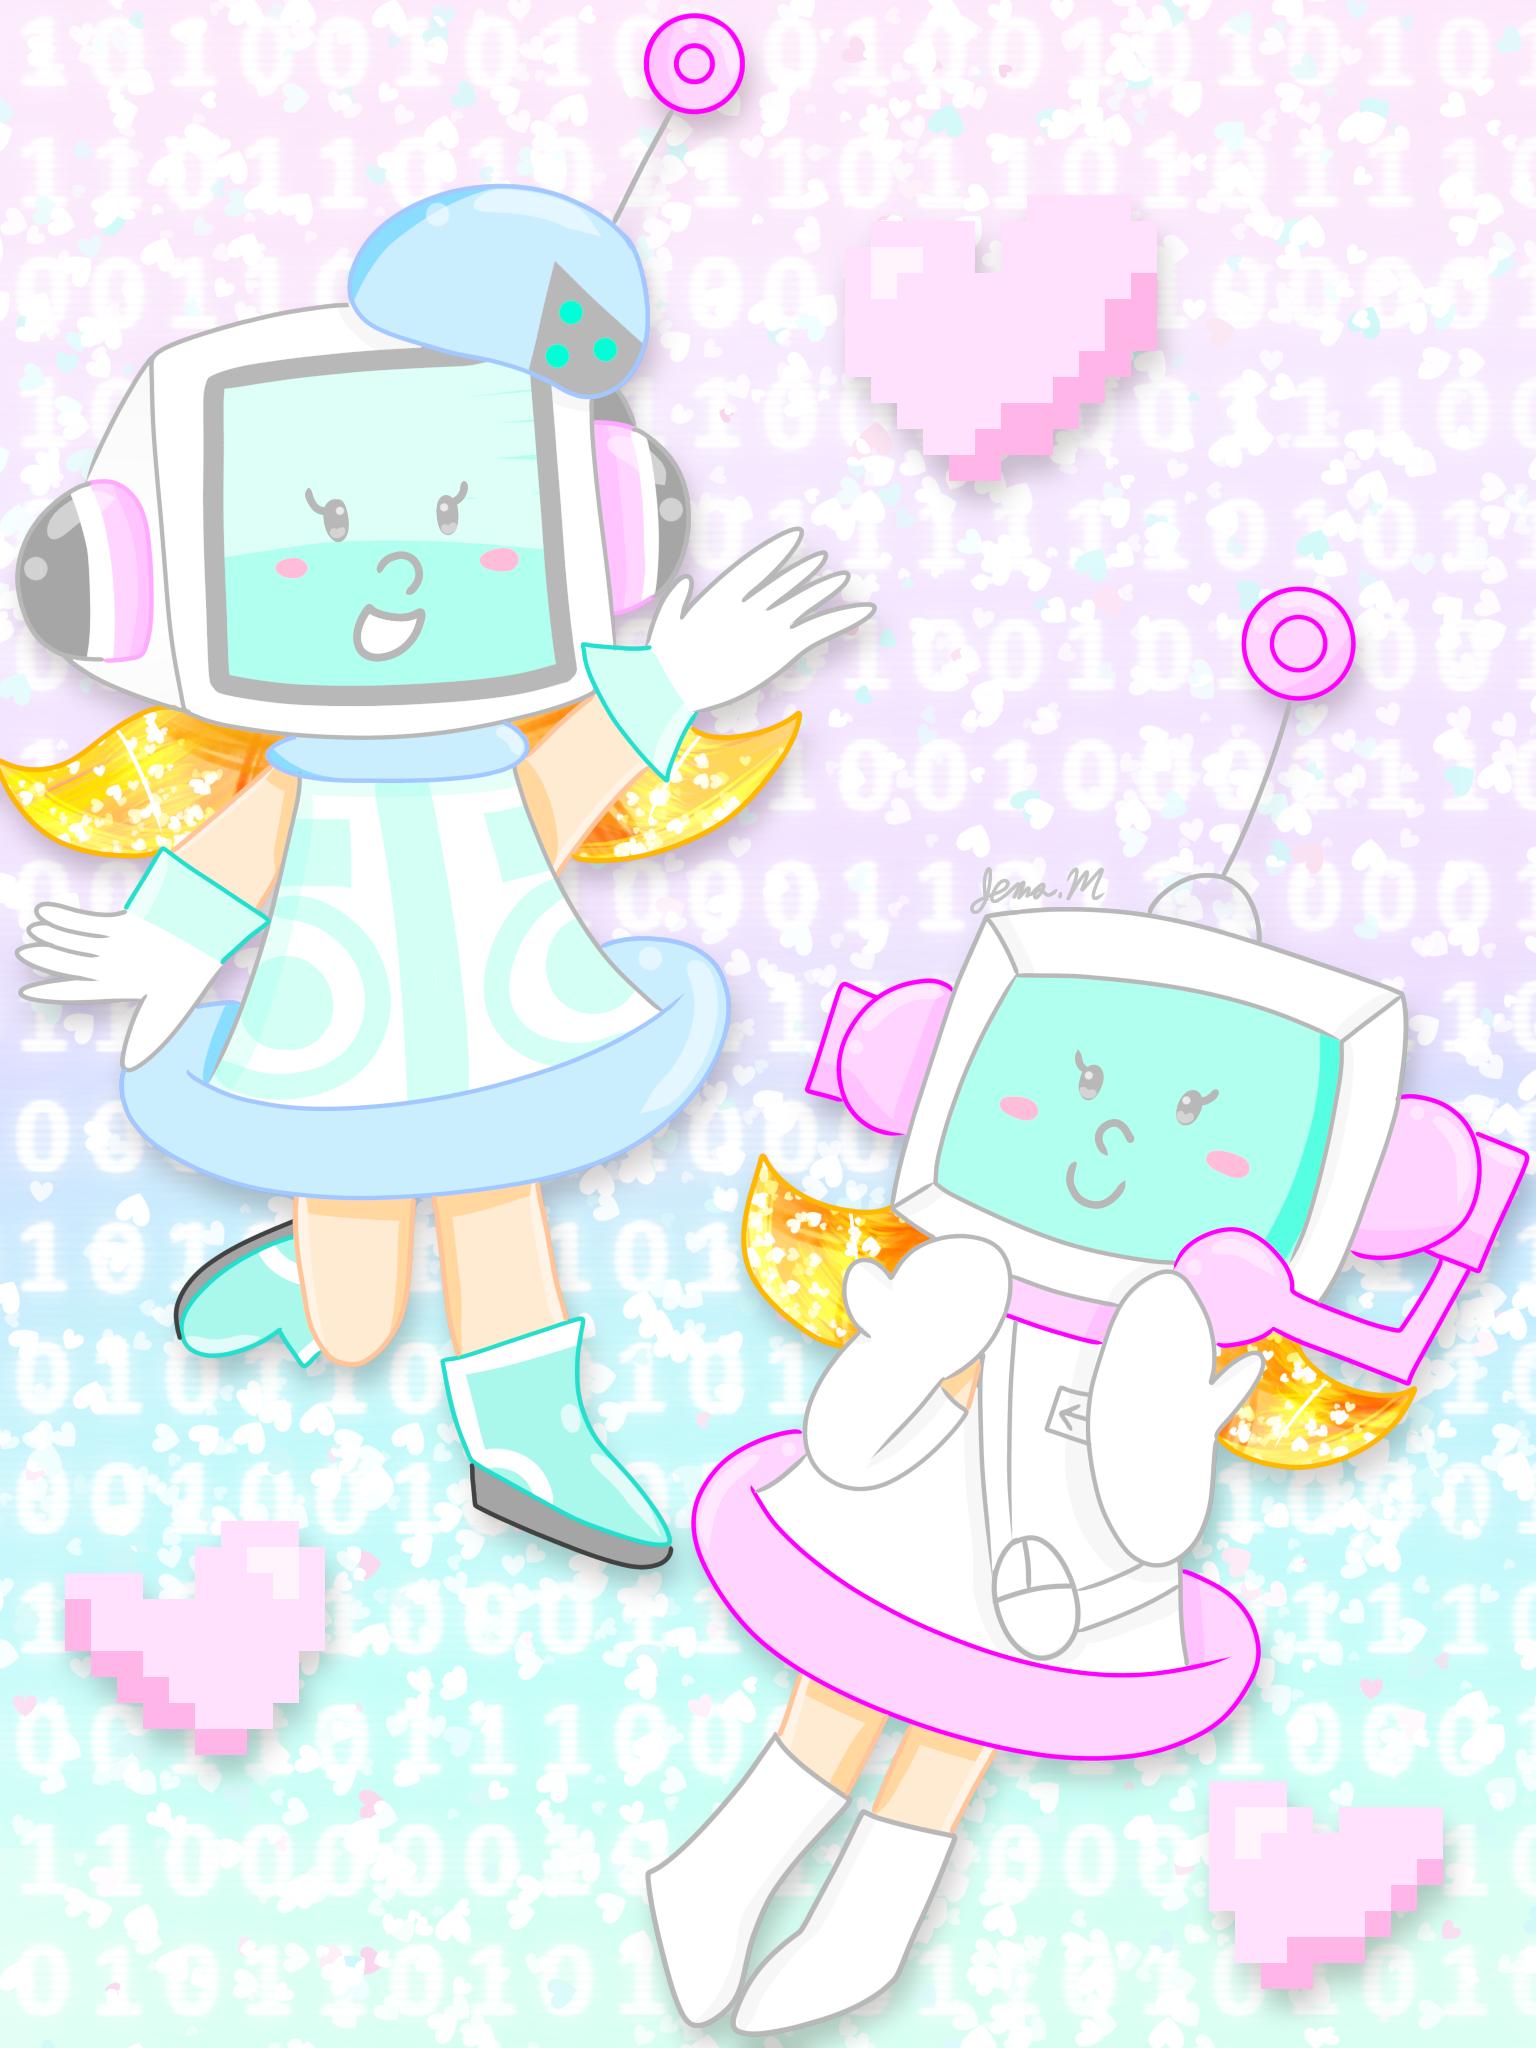 Cute L'il Computers [Pop'n Music]